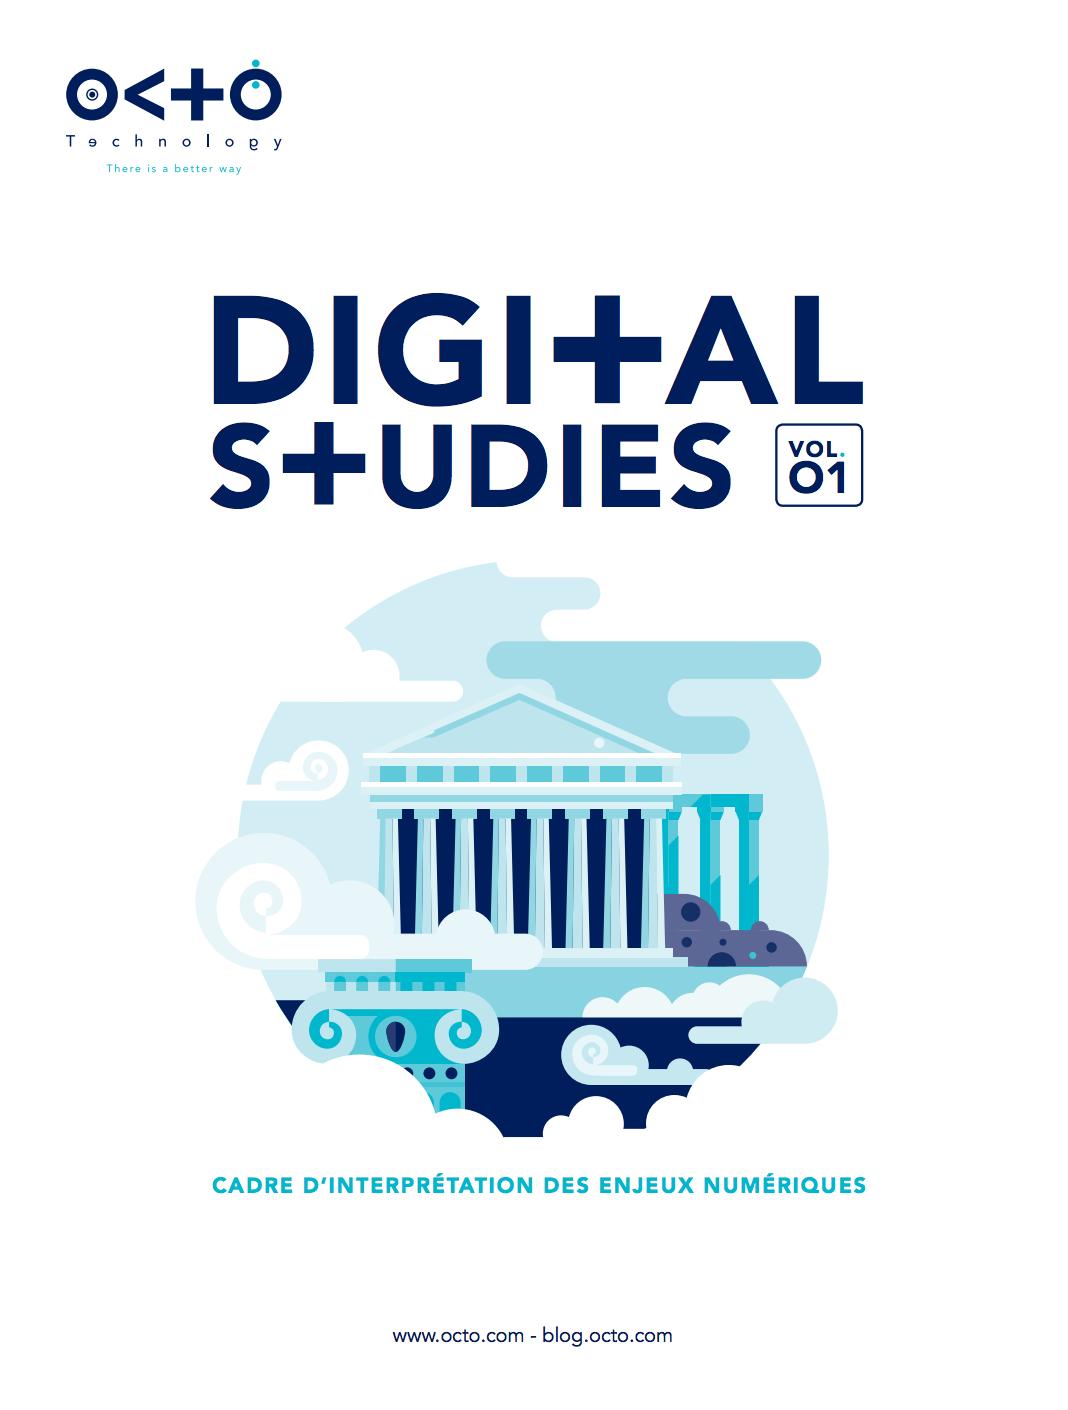 Digital studies - episode 1 - cadre d'interprétation des enjeux numériques